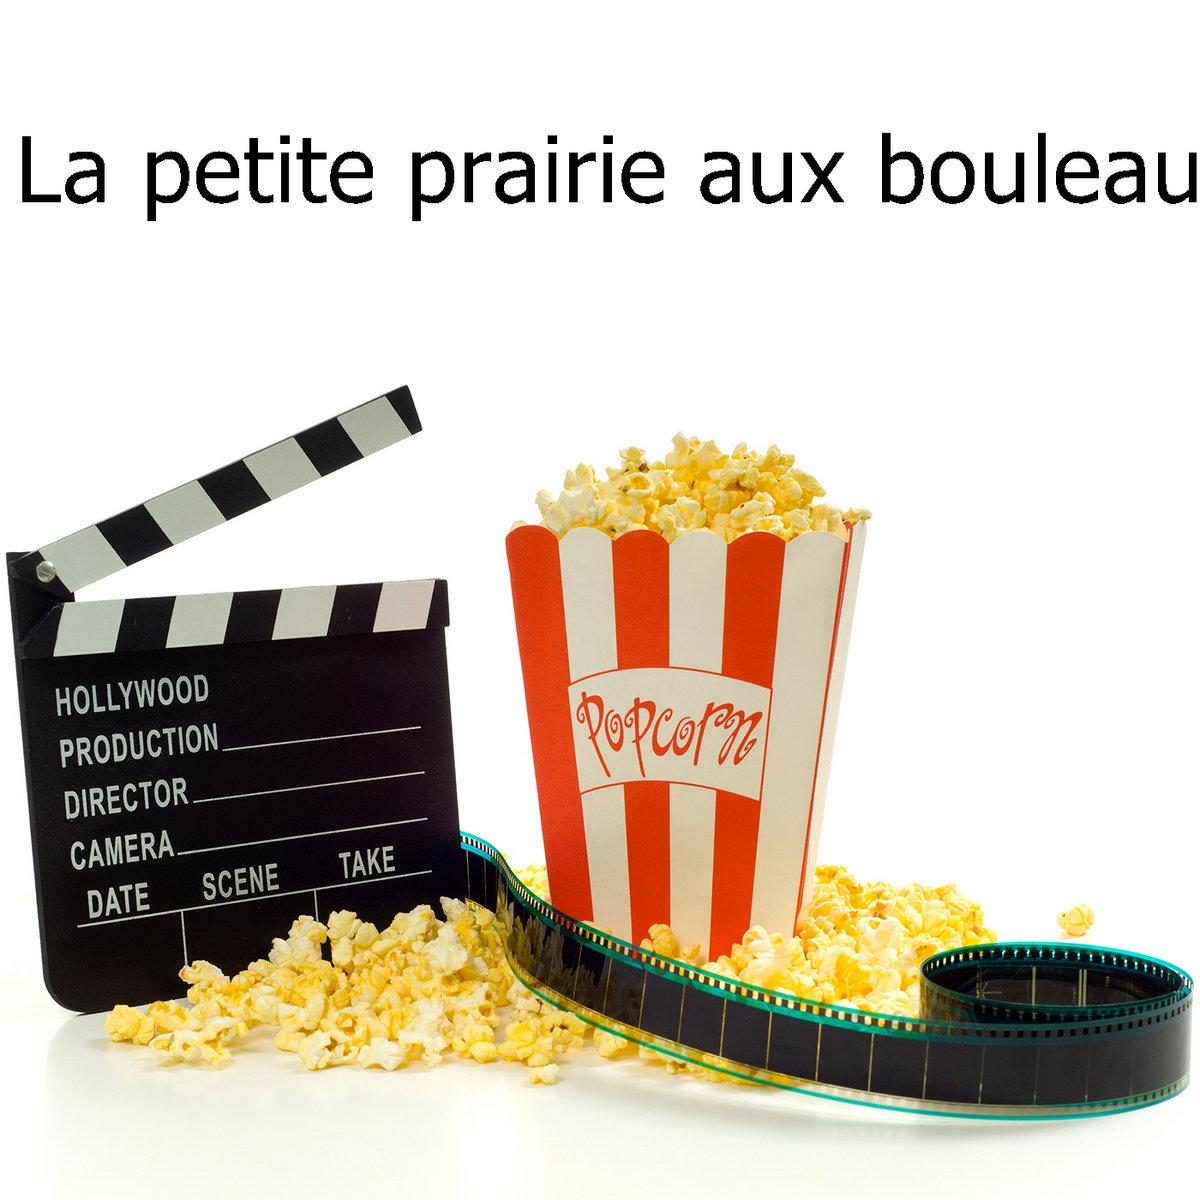 AUX PRAIRIE LA TÉLÉCHARGER BOULEAUX PETITE